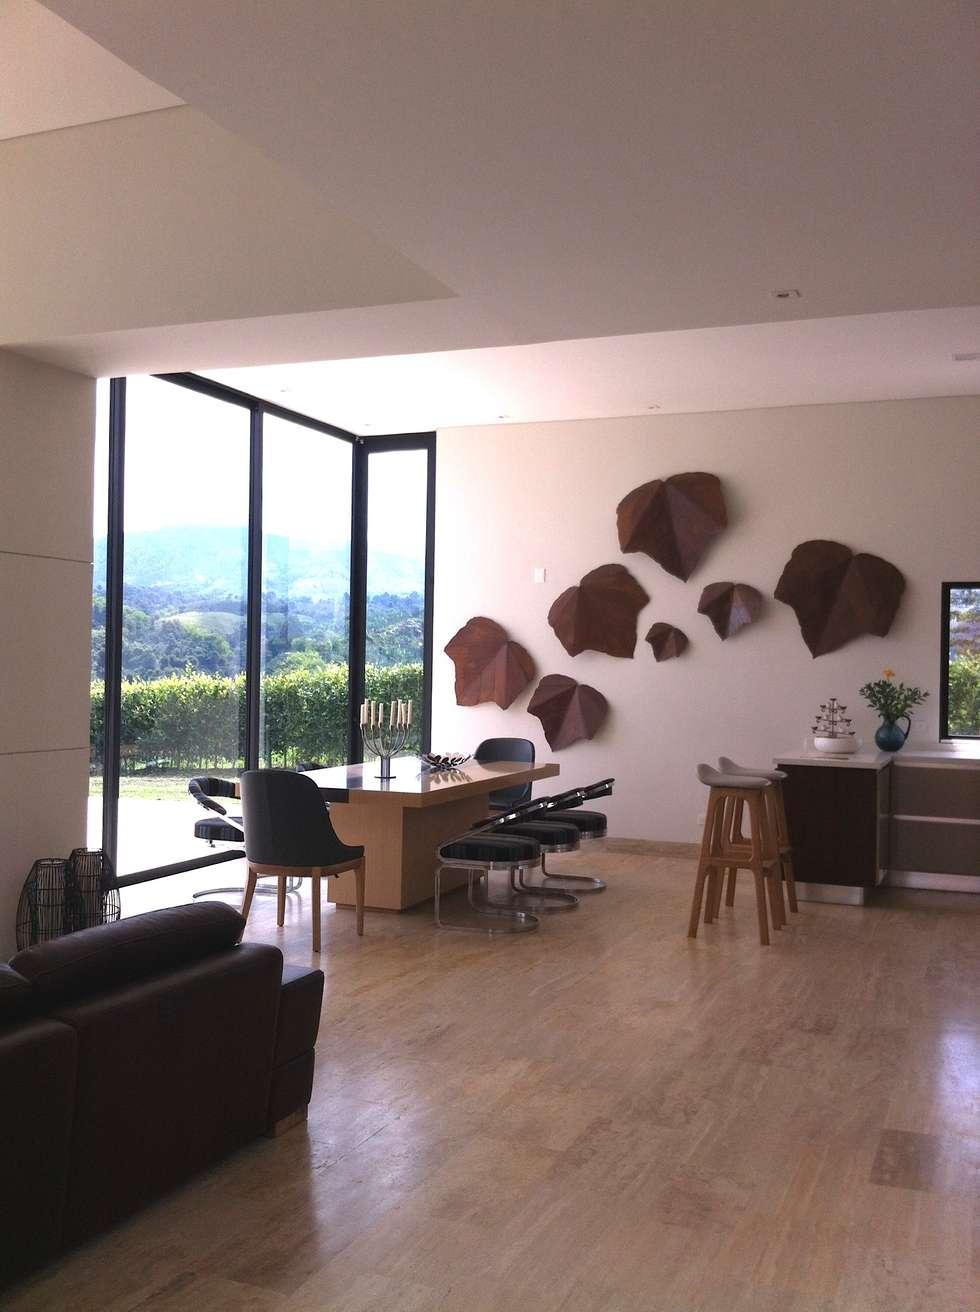 Comedor Casa Campestre: Comedores de estilo ecléctico por ea interiorismo